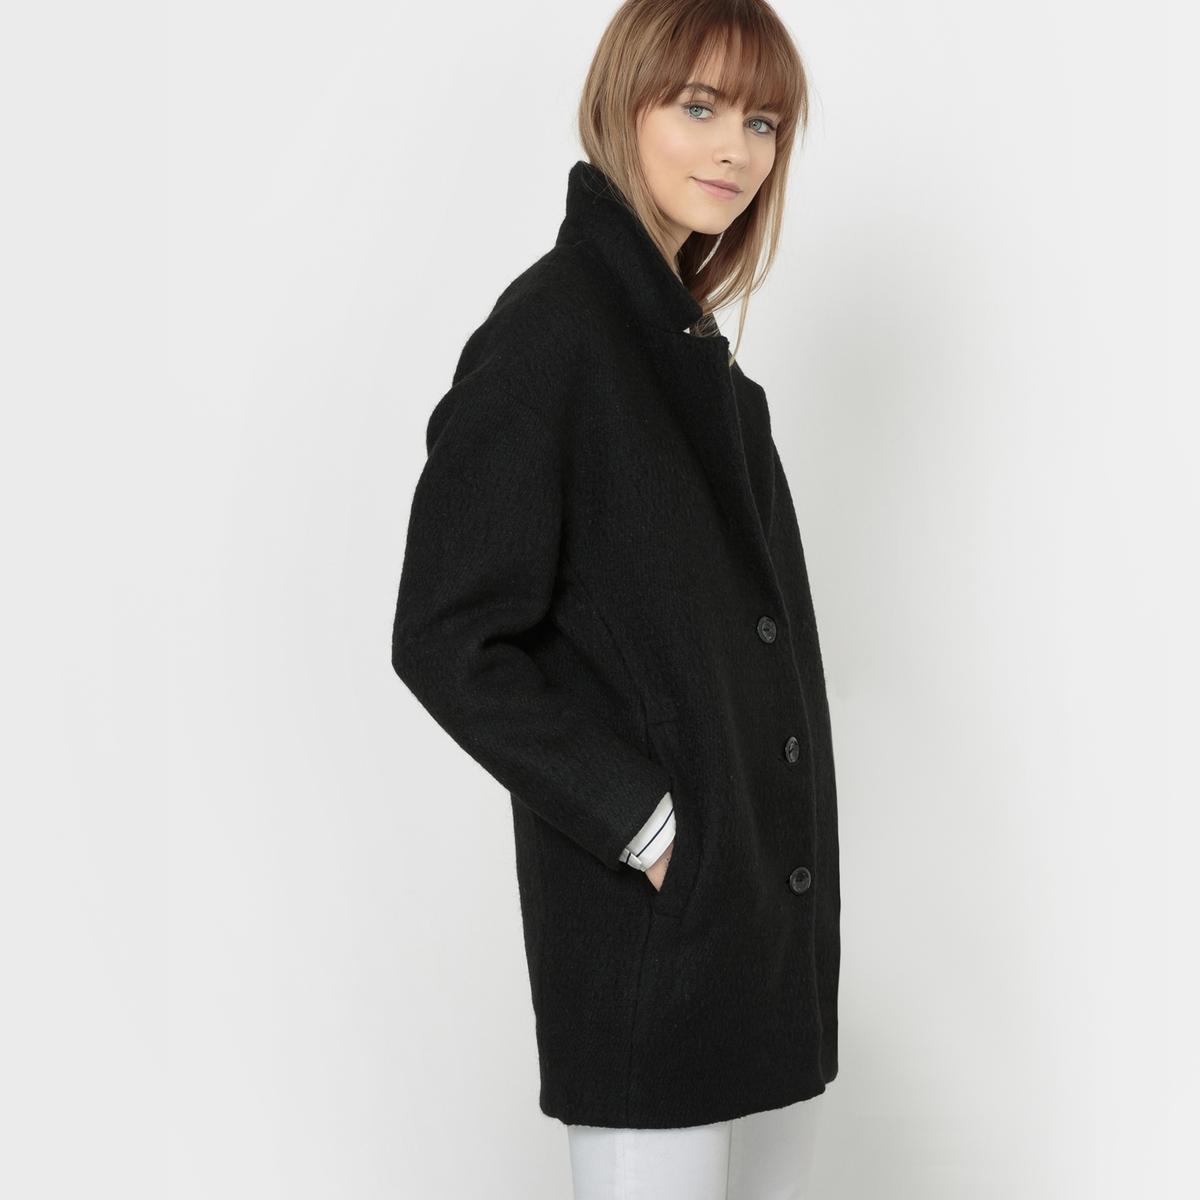 Пальто оверсайз MICKY CHECK WOOL MIXСостав и описание :Материал : 54% шерсти, 26% полиэстера, 7% хлопка, 7% акрила, 4% вискозы, 2% полиамидаМарка : FREEMAN T. PORTER<br><br>Цвет: черный<br>Размер: XL